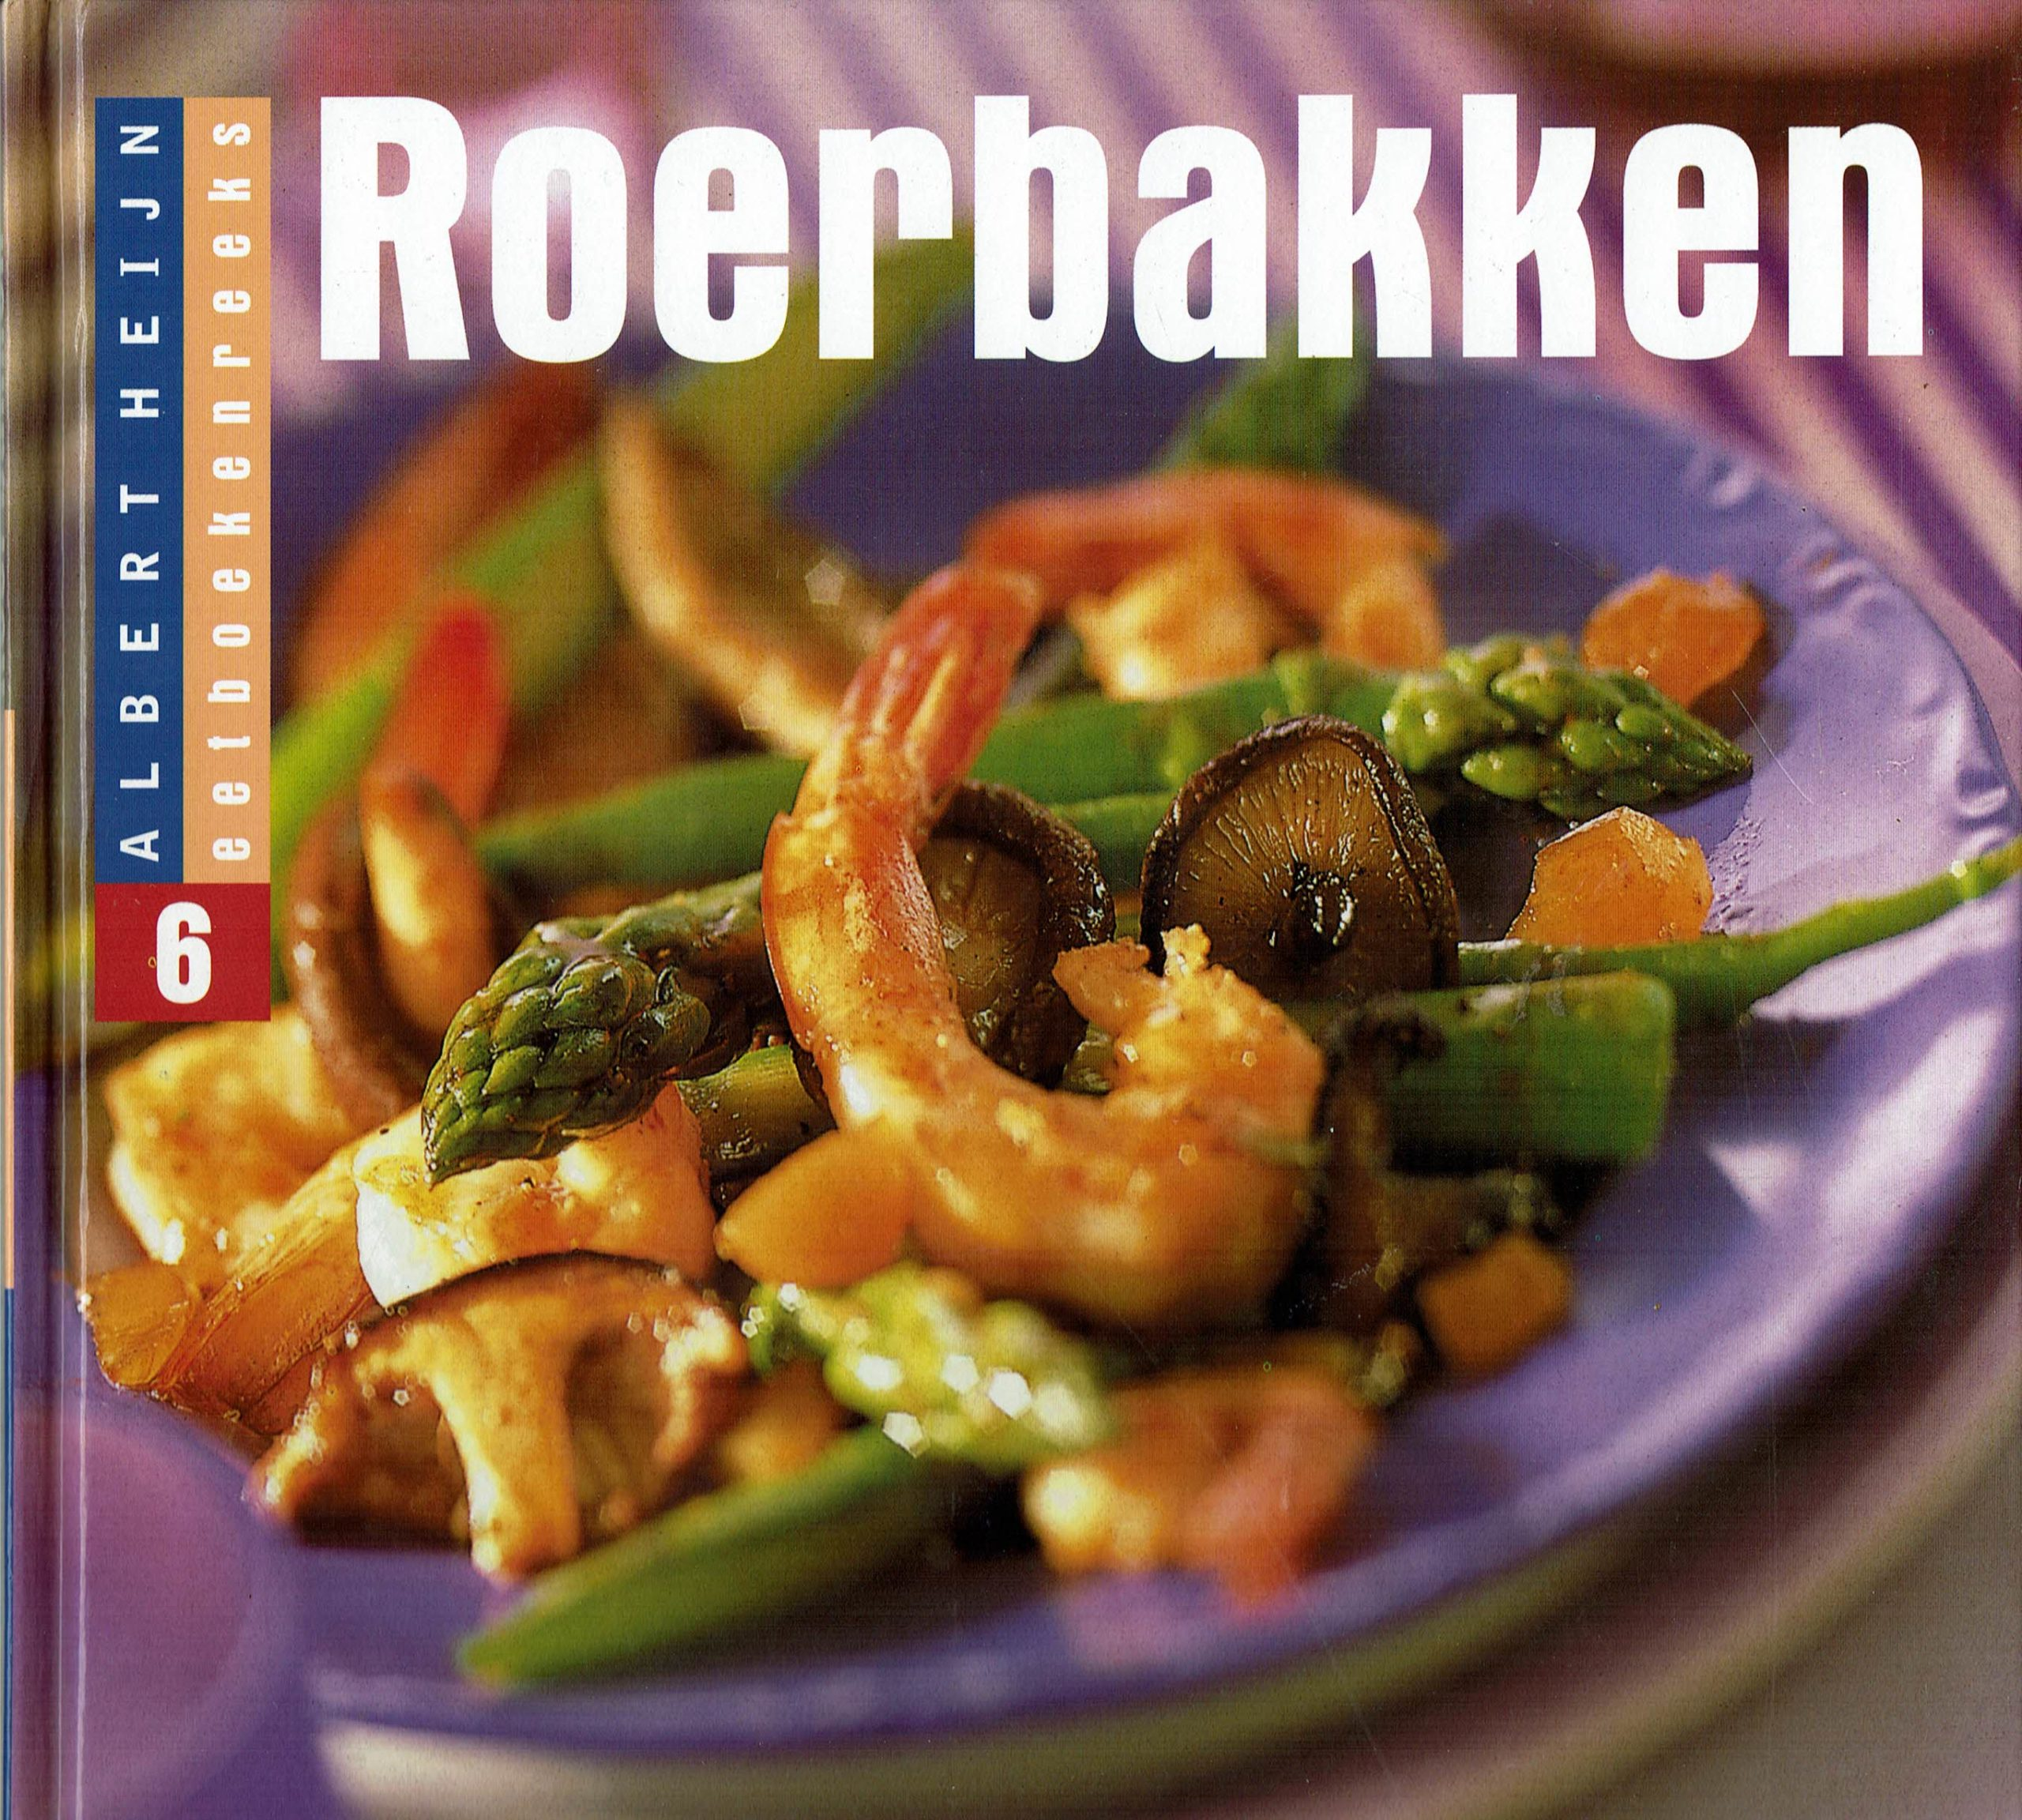 Roerbakken - AH eetboekenreeks deel 6